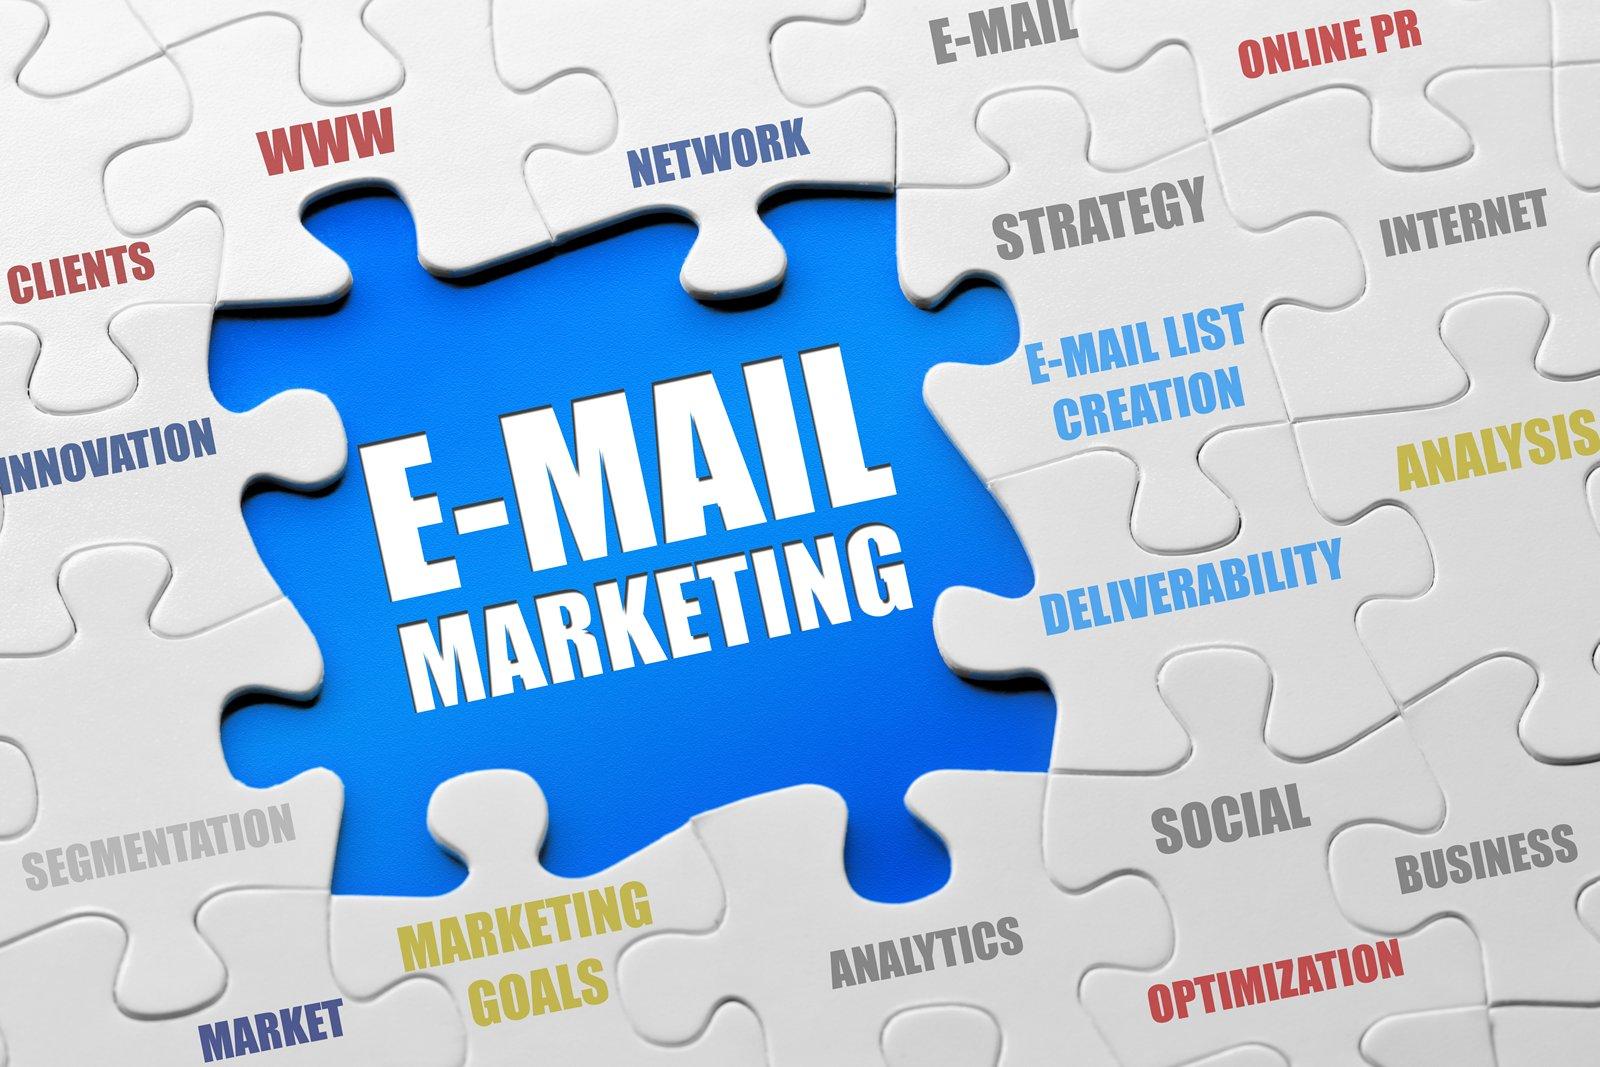 Метрика в email-маркентинге «Unsubscribe Rate»: количество отписавшихся от рассылки